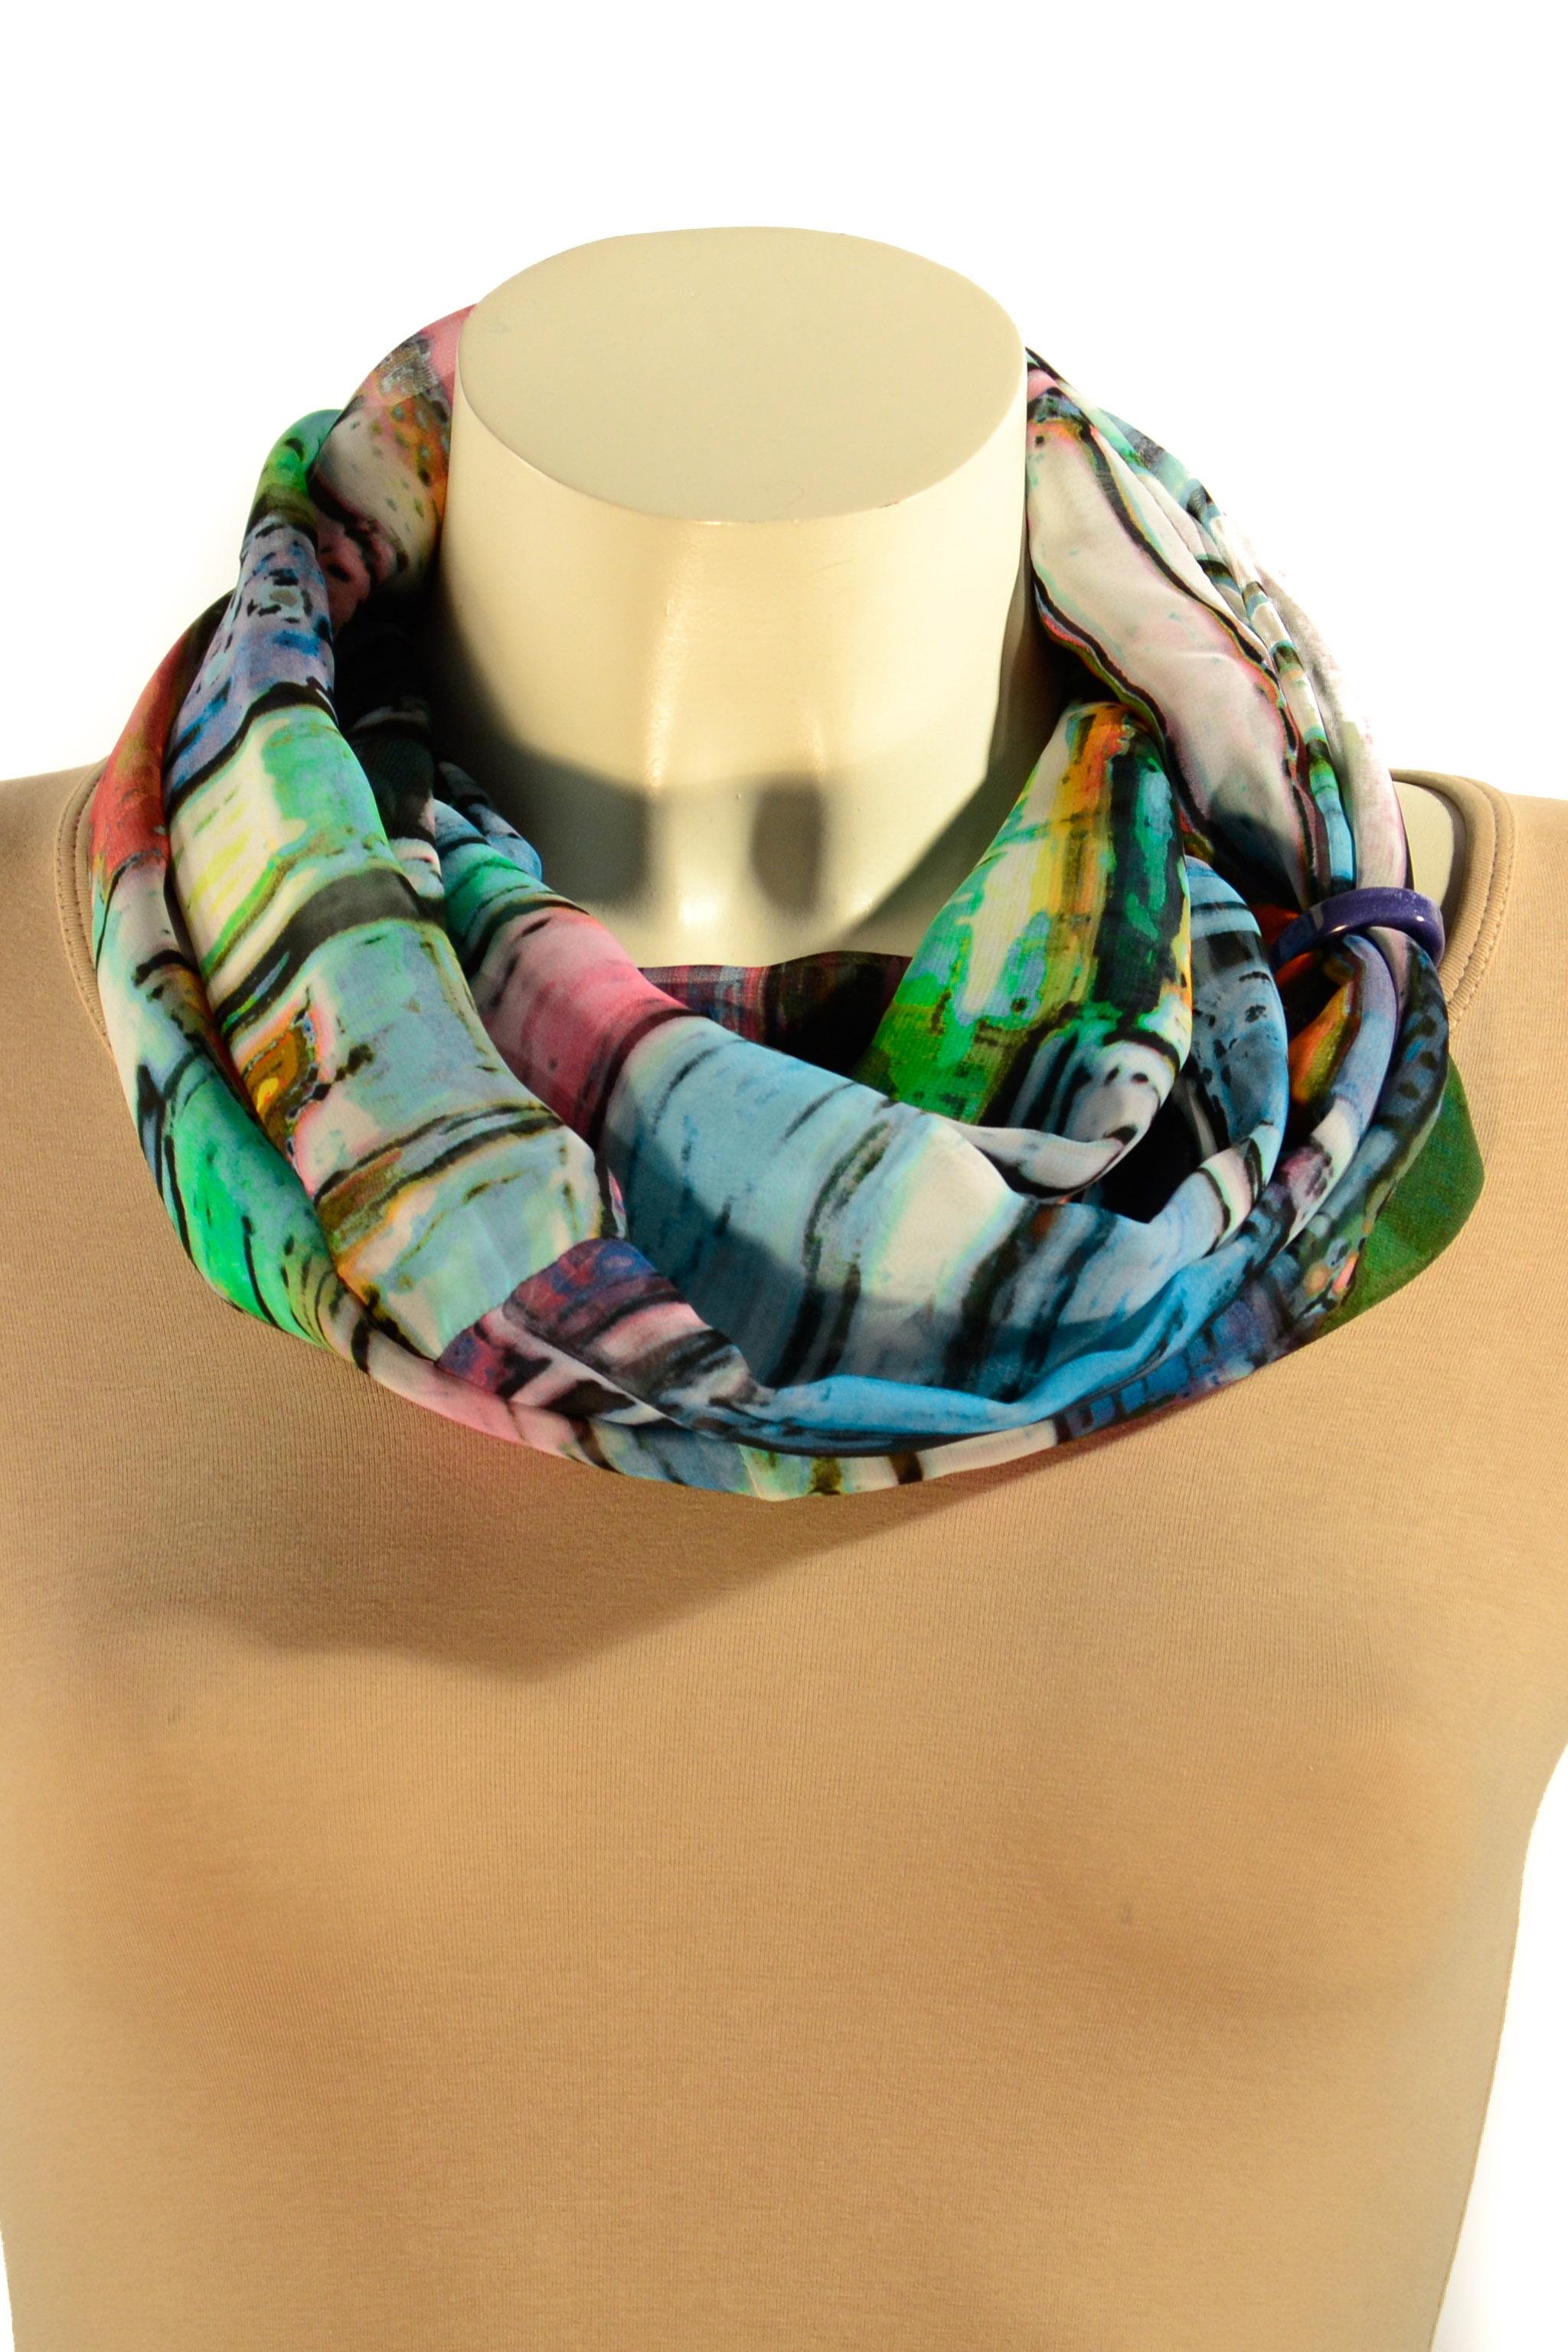 Шарф-дуэтШарфы<br>Шарф - дуэт это тандем шарфа и муфты, которая вшита в шарф - трубу. Шарф - труба в сшитом состоянии: длина 144 см, ширина 27 см. Шарф без аксессуаров.  В изделии использованы цвета: голубой, зеленый и др.<br><br>По сезону: Всесезон<br>Размер : UNI<br>Материал: Шифон<br>Количество в наличии: 3